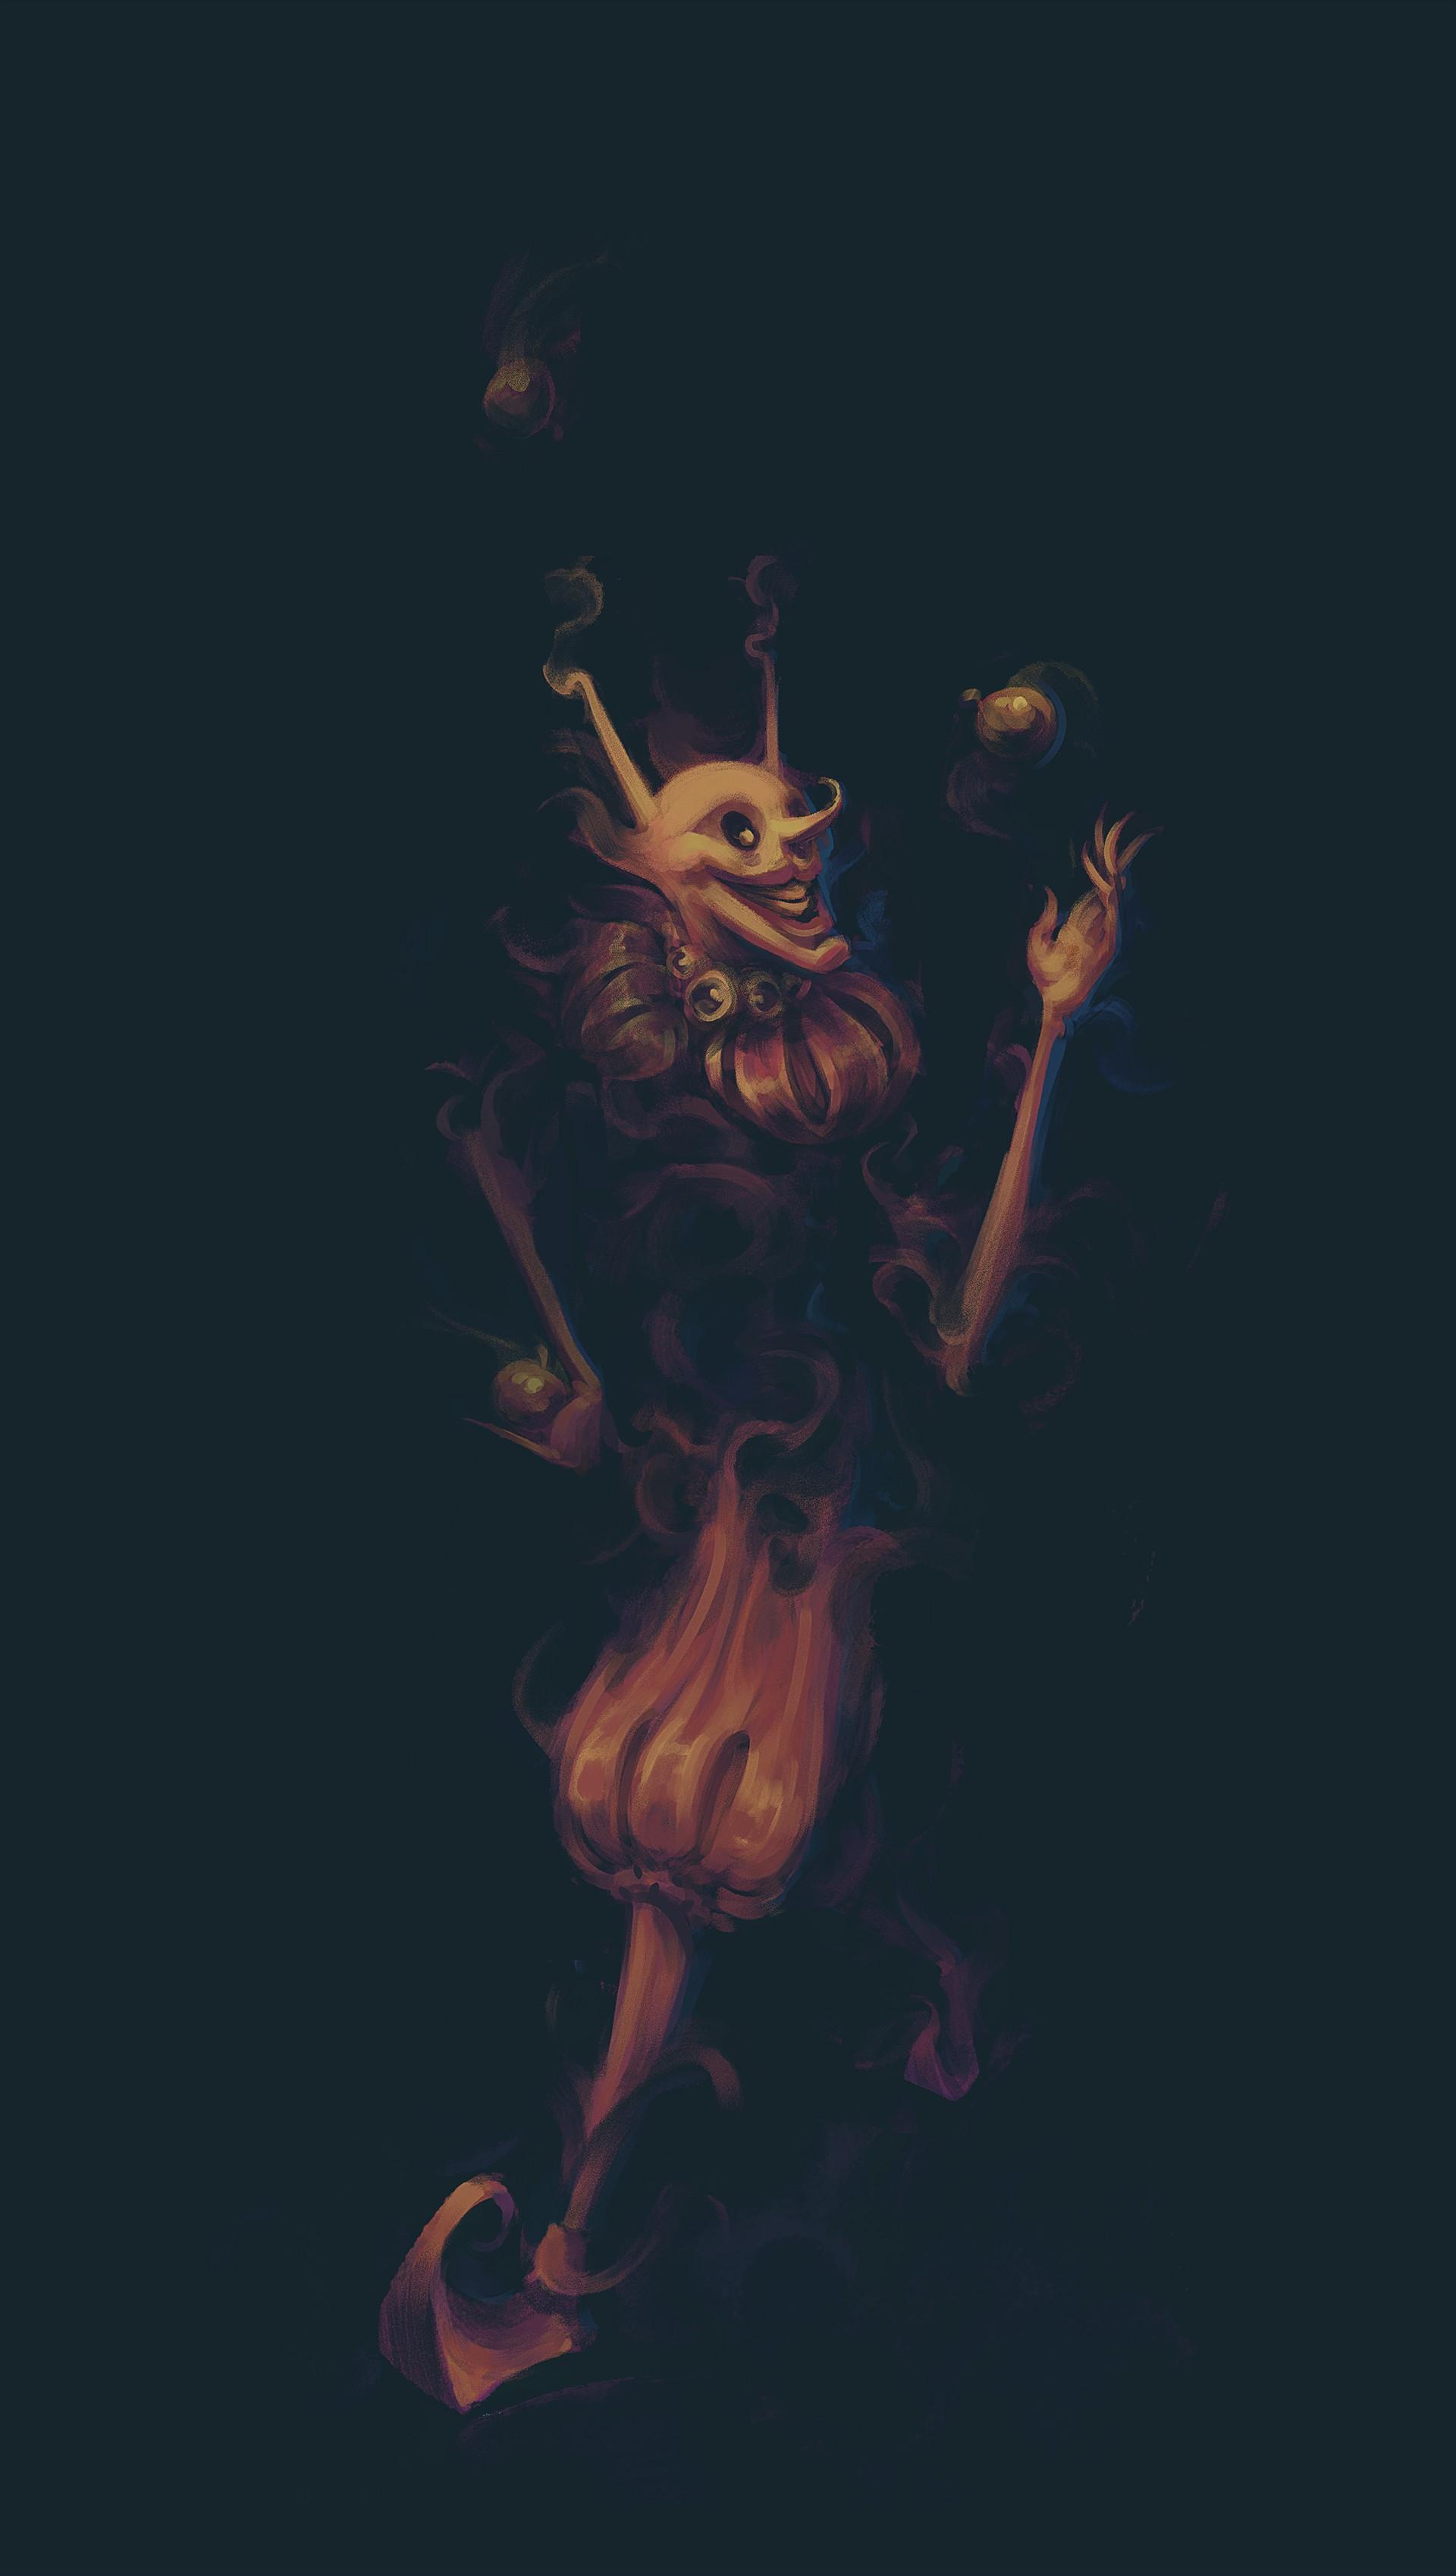 121717 免費下載壁紙 杂耍人, 容勒, 小丑, 舒特, 艺术, 戏法, 杂耍 屏保和圖片